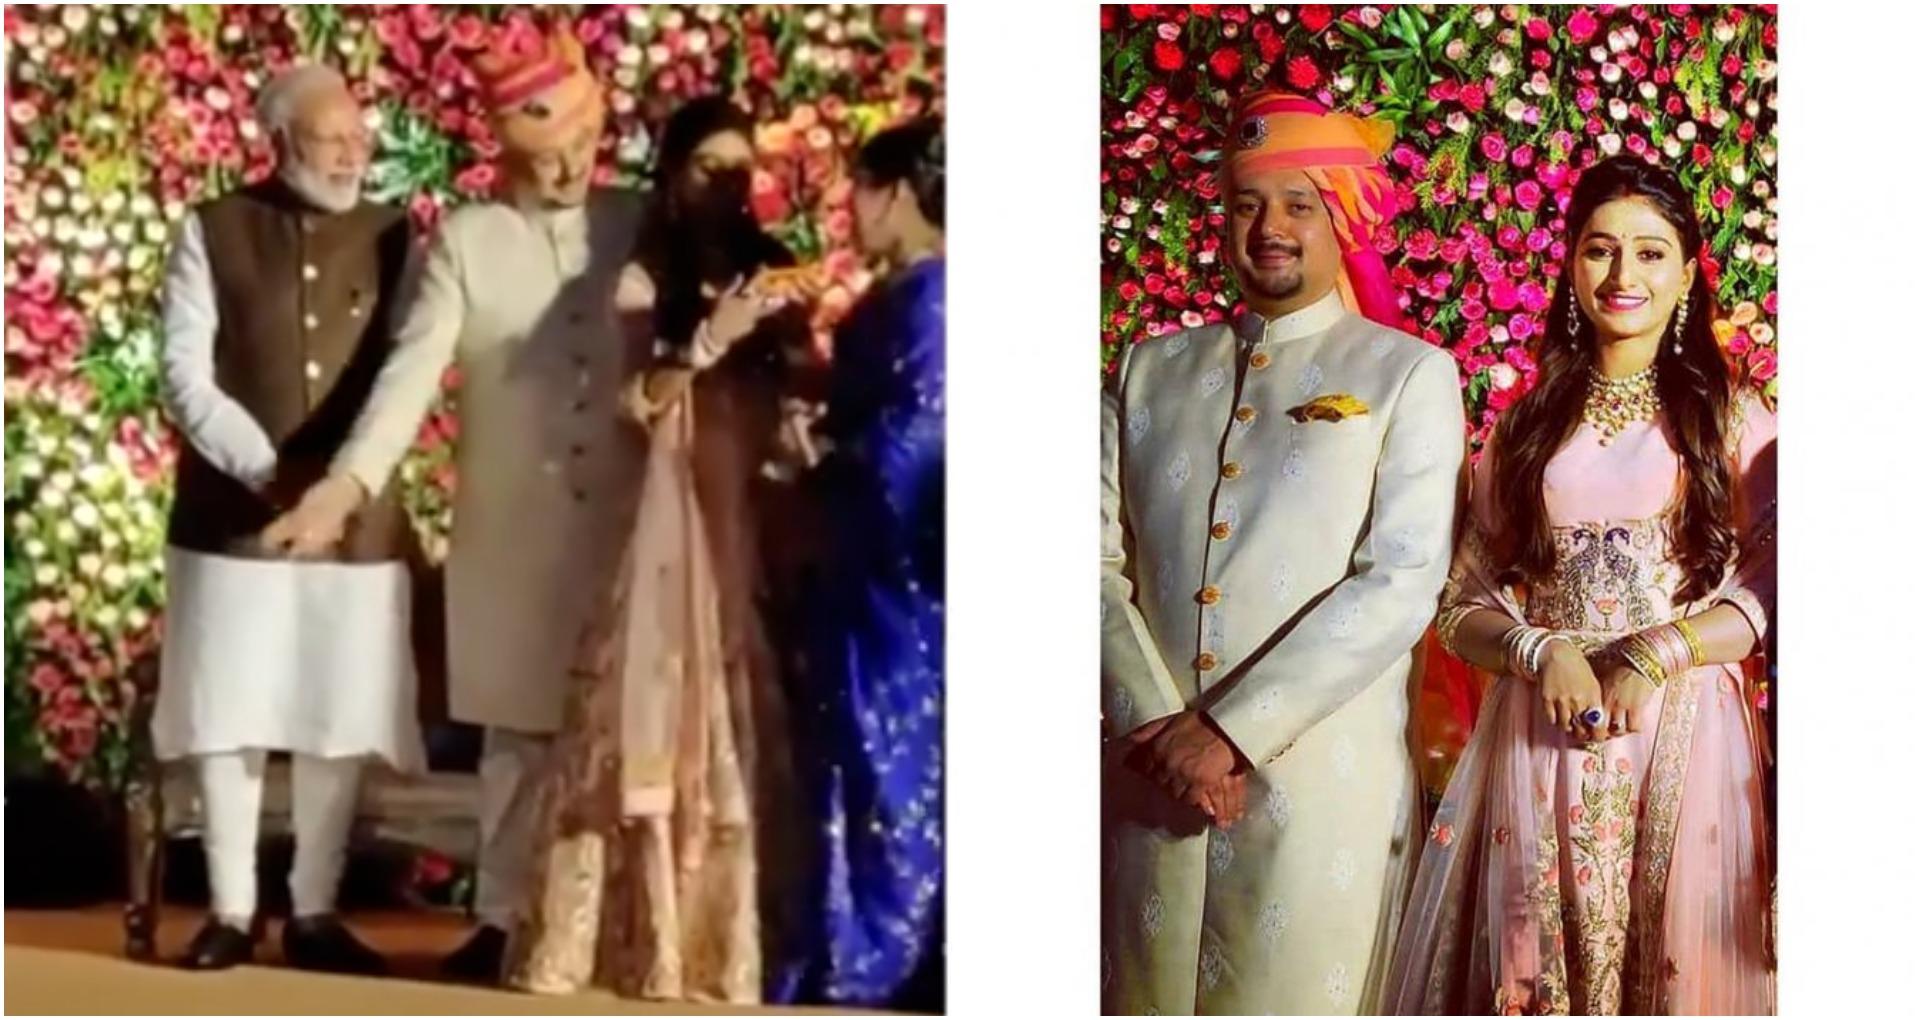 'ये रिश्ता…फेम मोहिना कुमारी की ग्रैंड रिसेप्शन पार्टी में पहुंचे देश के प्रधानमंत्री नरेंद्रमोदी, ये तस्वी